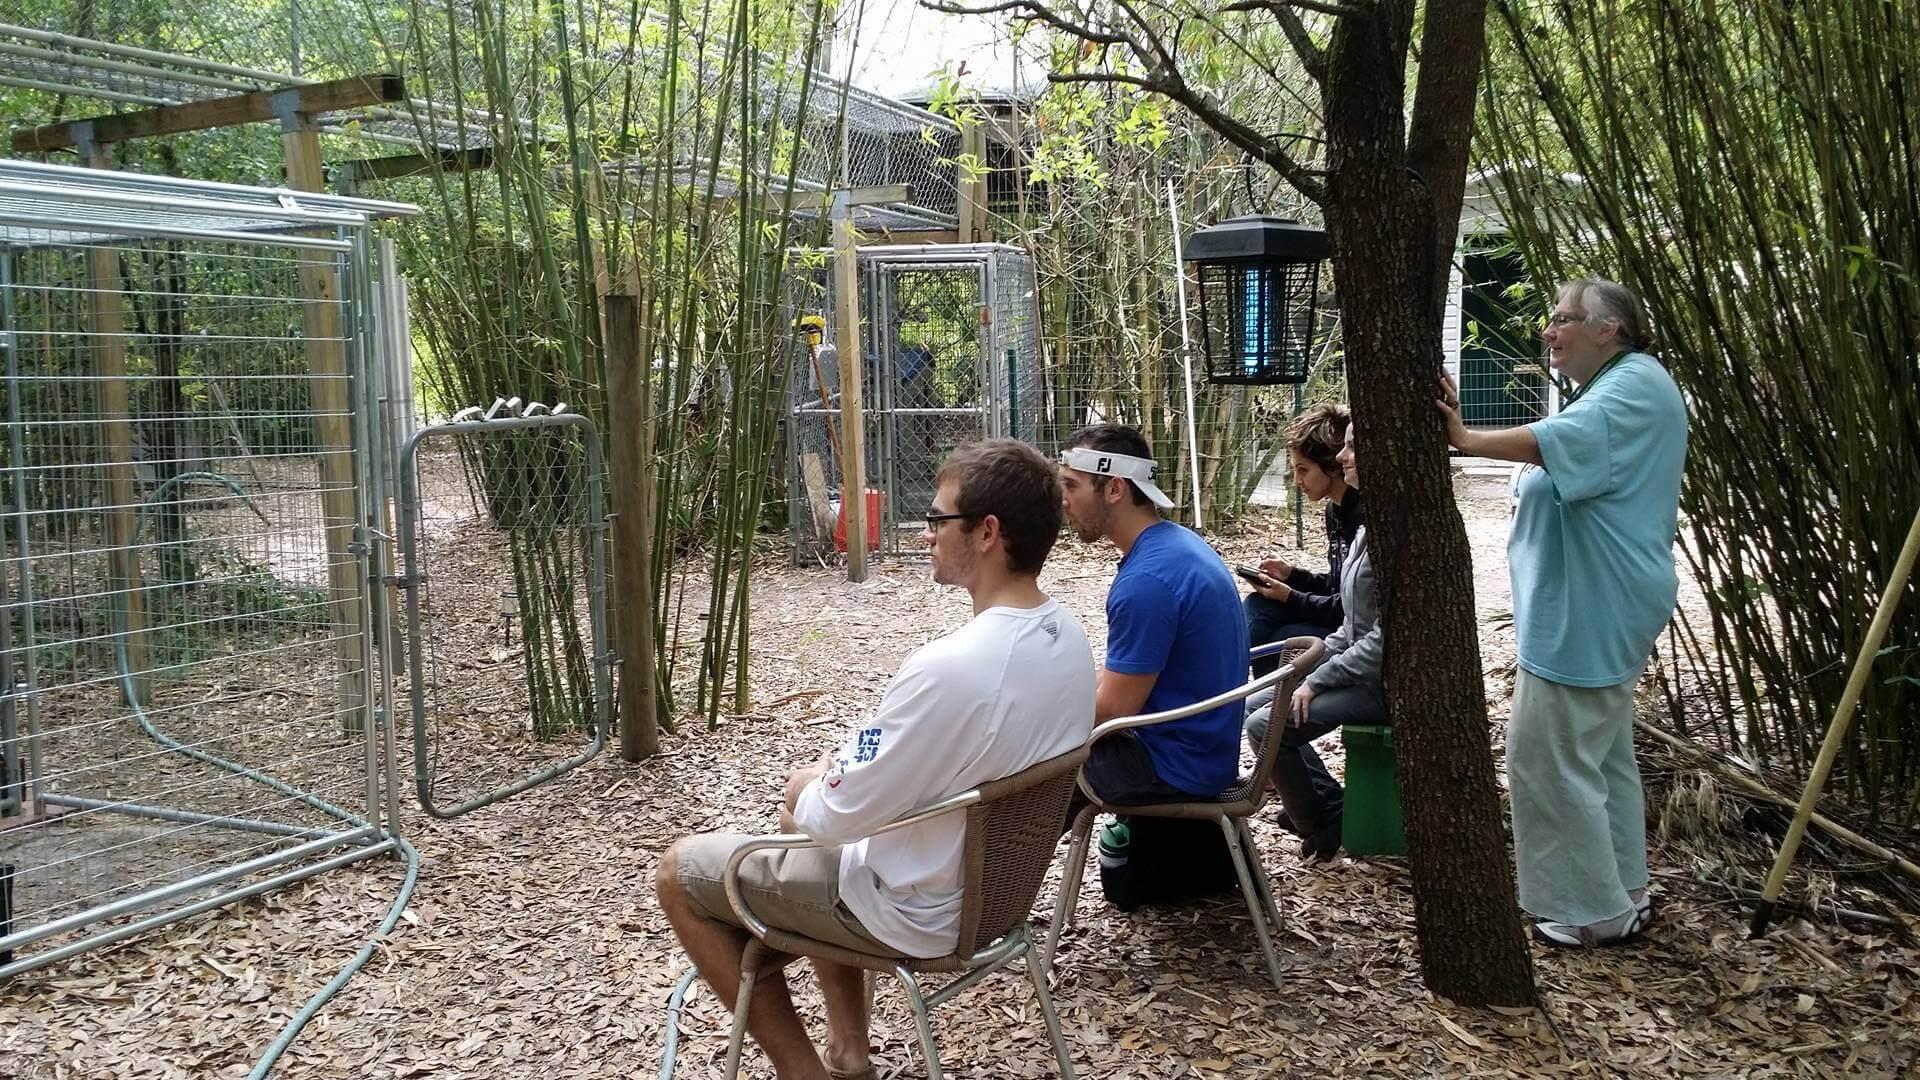 FGCU alumnus conducts research at primate sanctuary